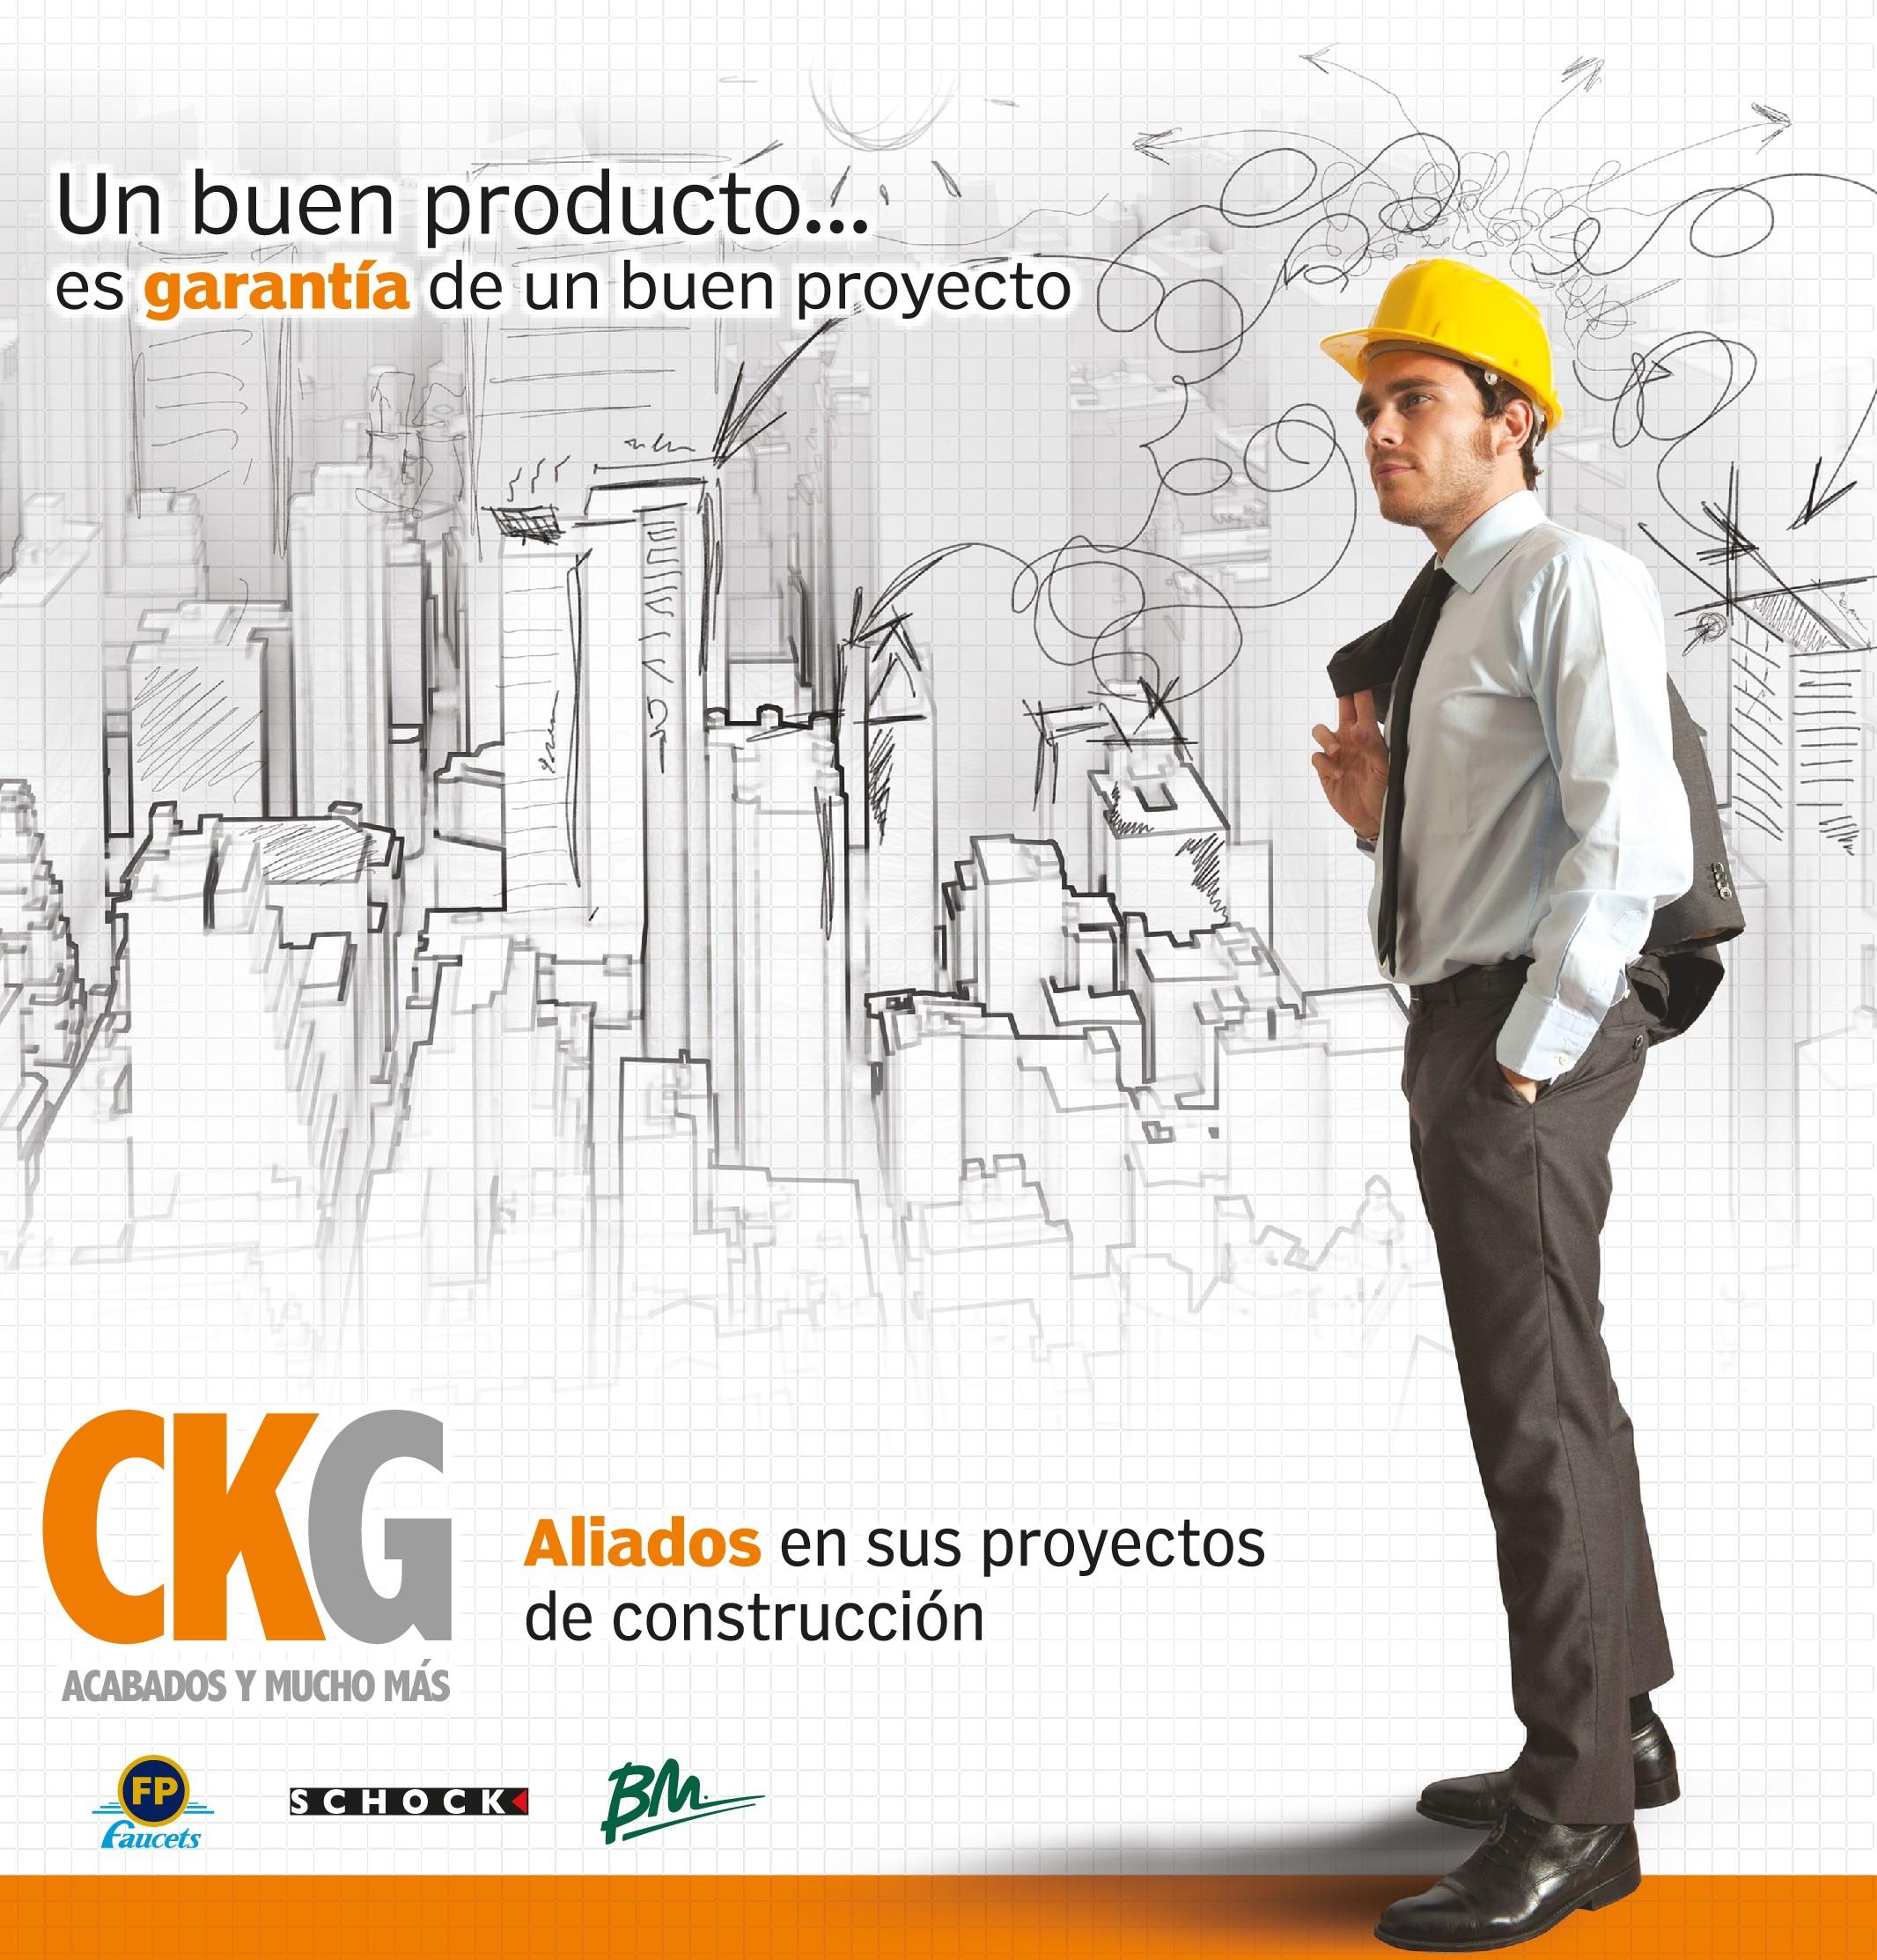 acabados de construcción, CKG Panamá